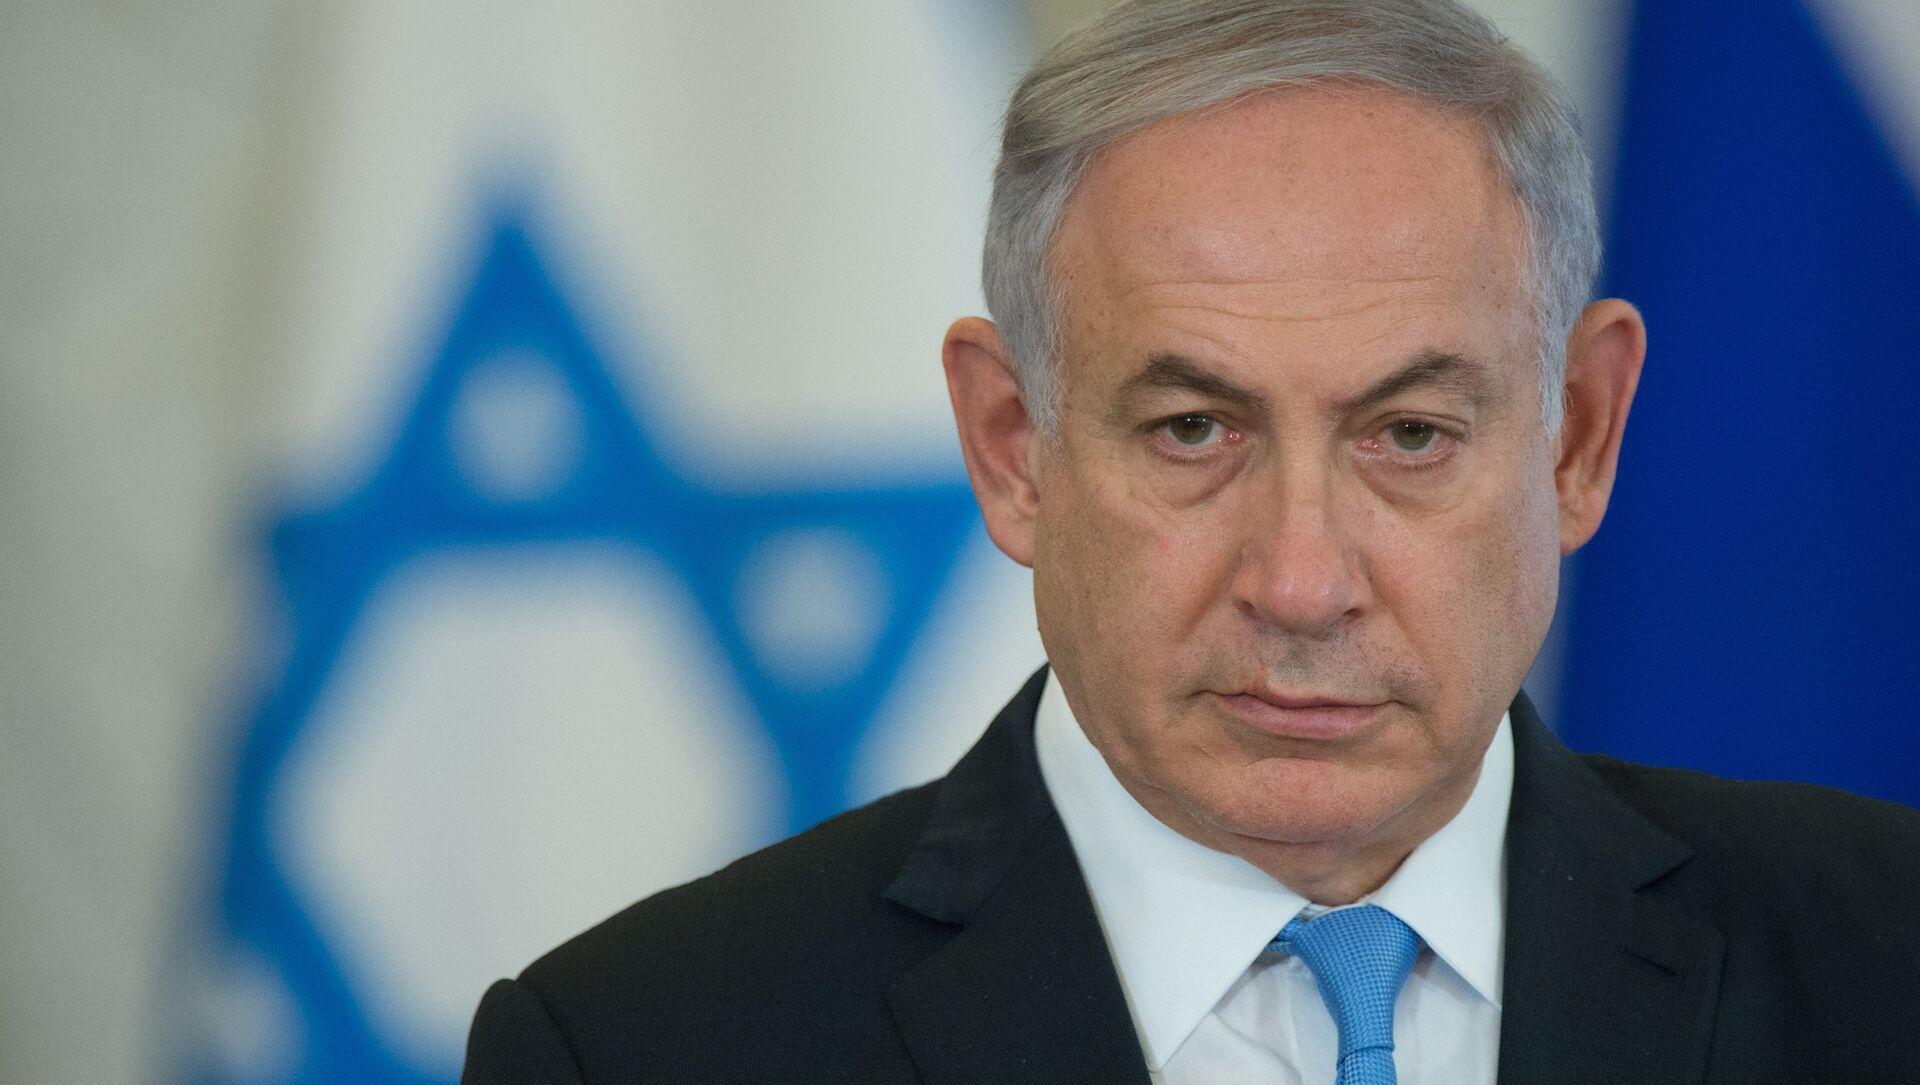 7 juin 2016. Le Premier ministre israélien Benjamin Netanyahu participe à une conférence de presse conjointe avec le président russe Vladimir Poutine au Kremlin. - Sputnik France, 1920, 24.02.2021